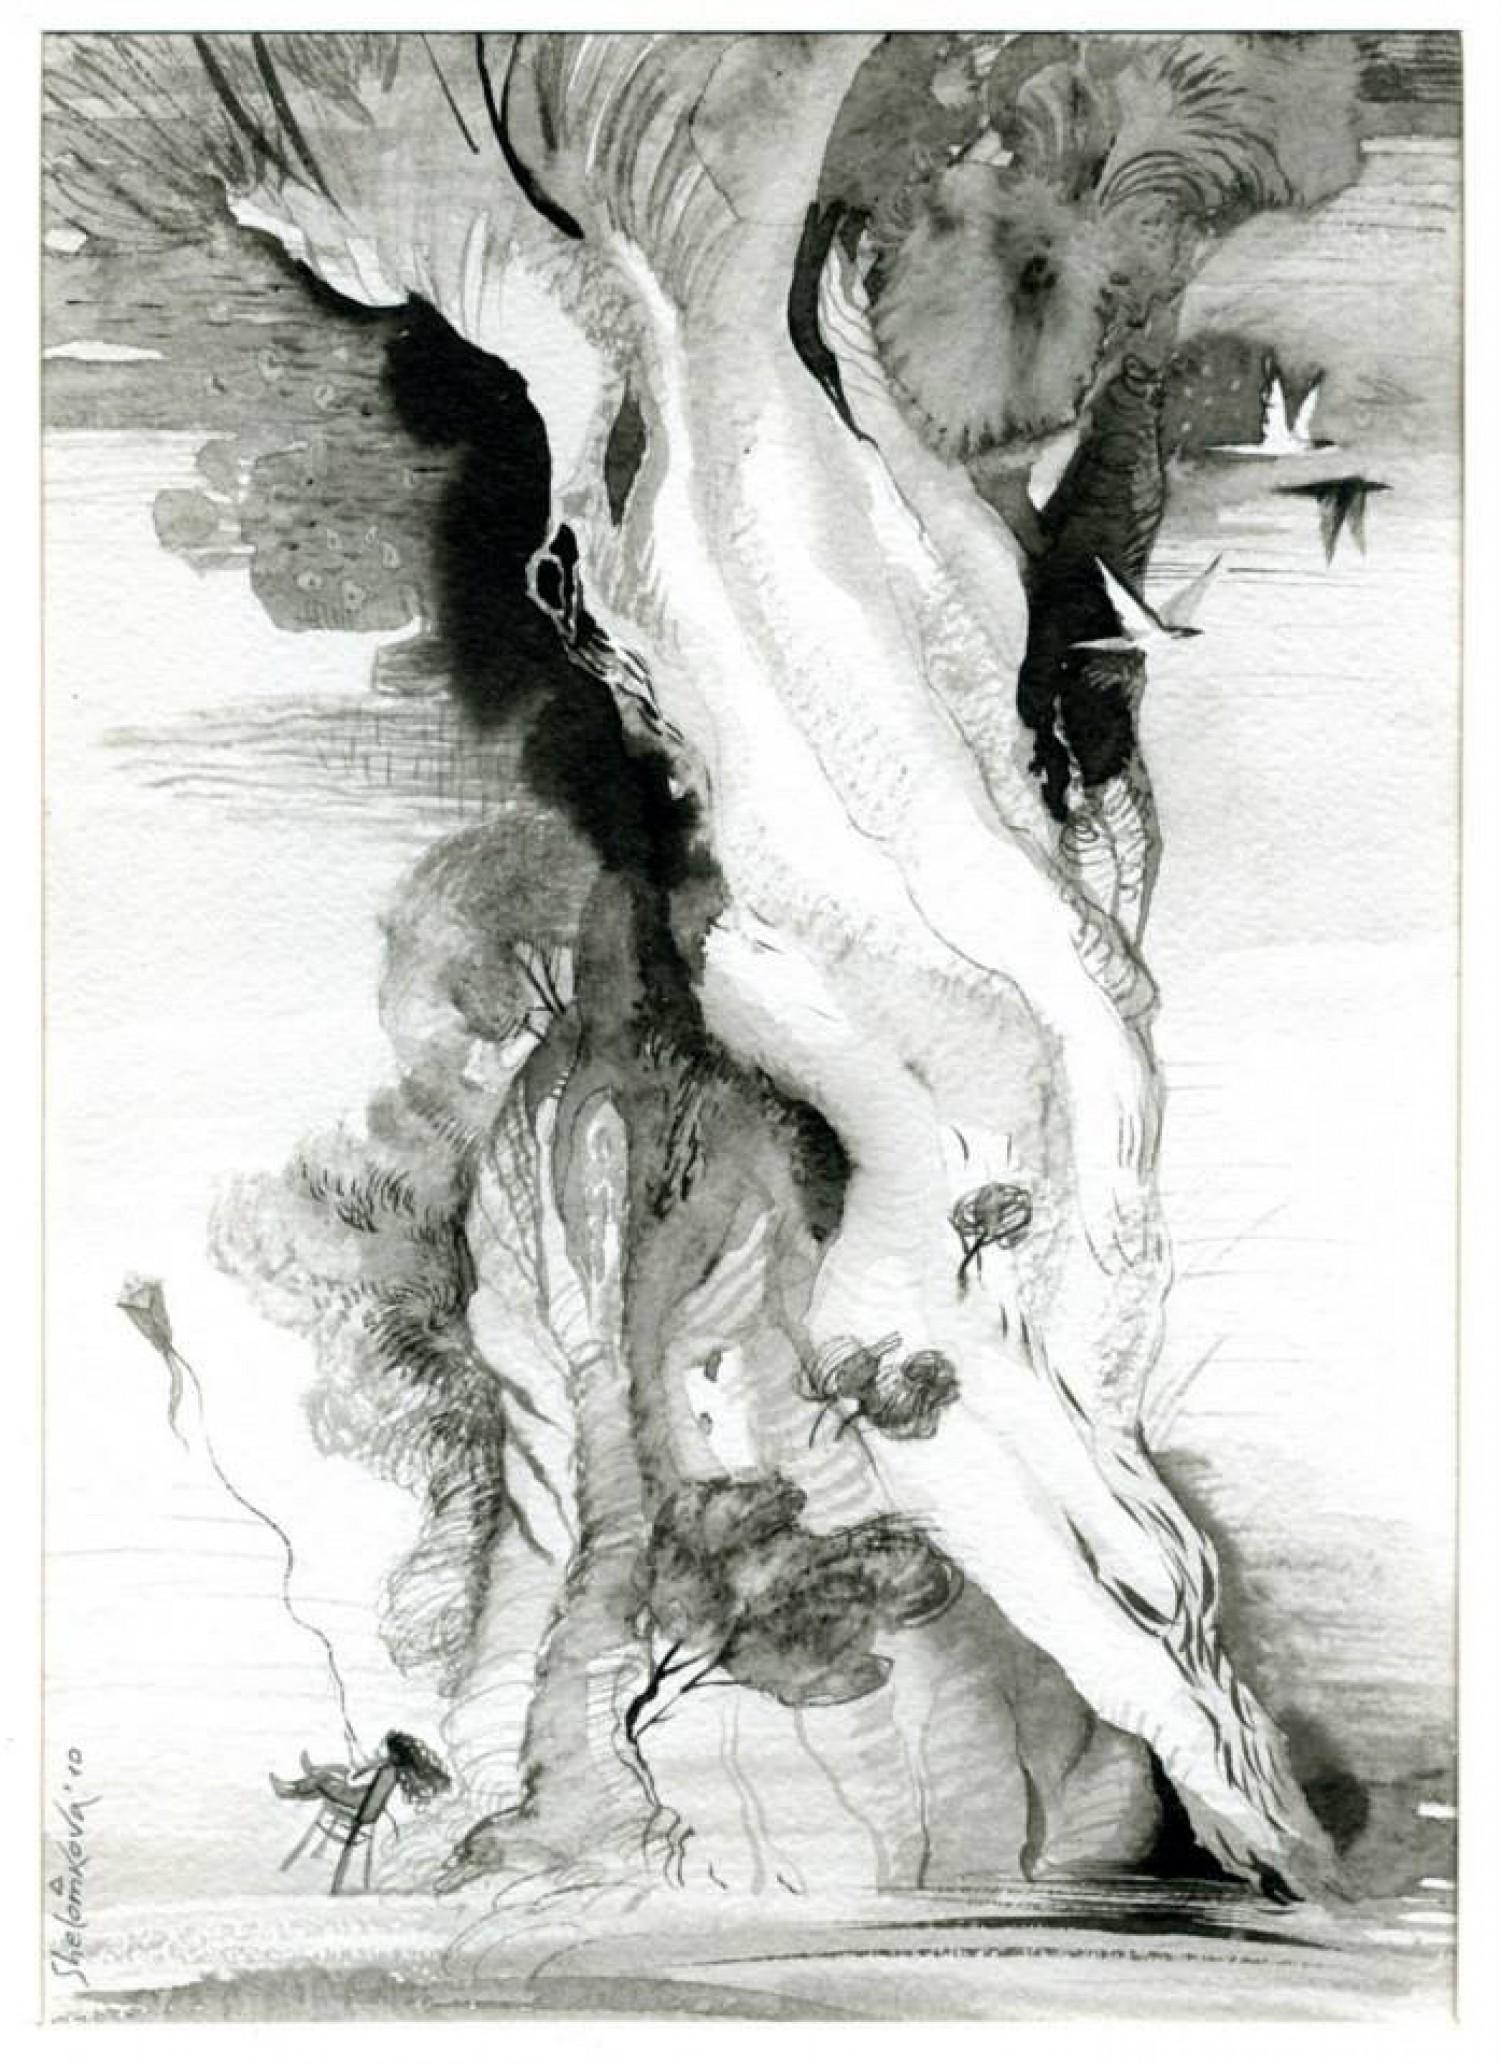 Д.В. Шеломкова. Когда деревья были большими - 2